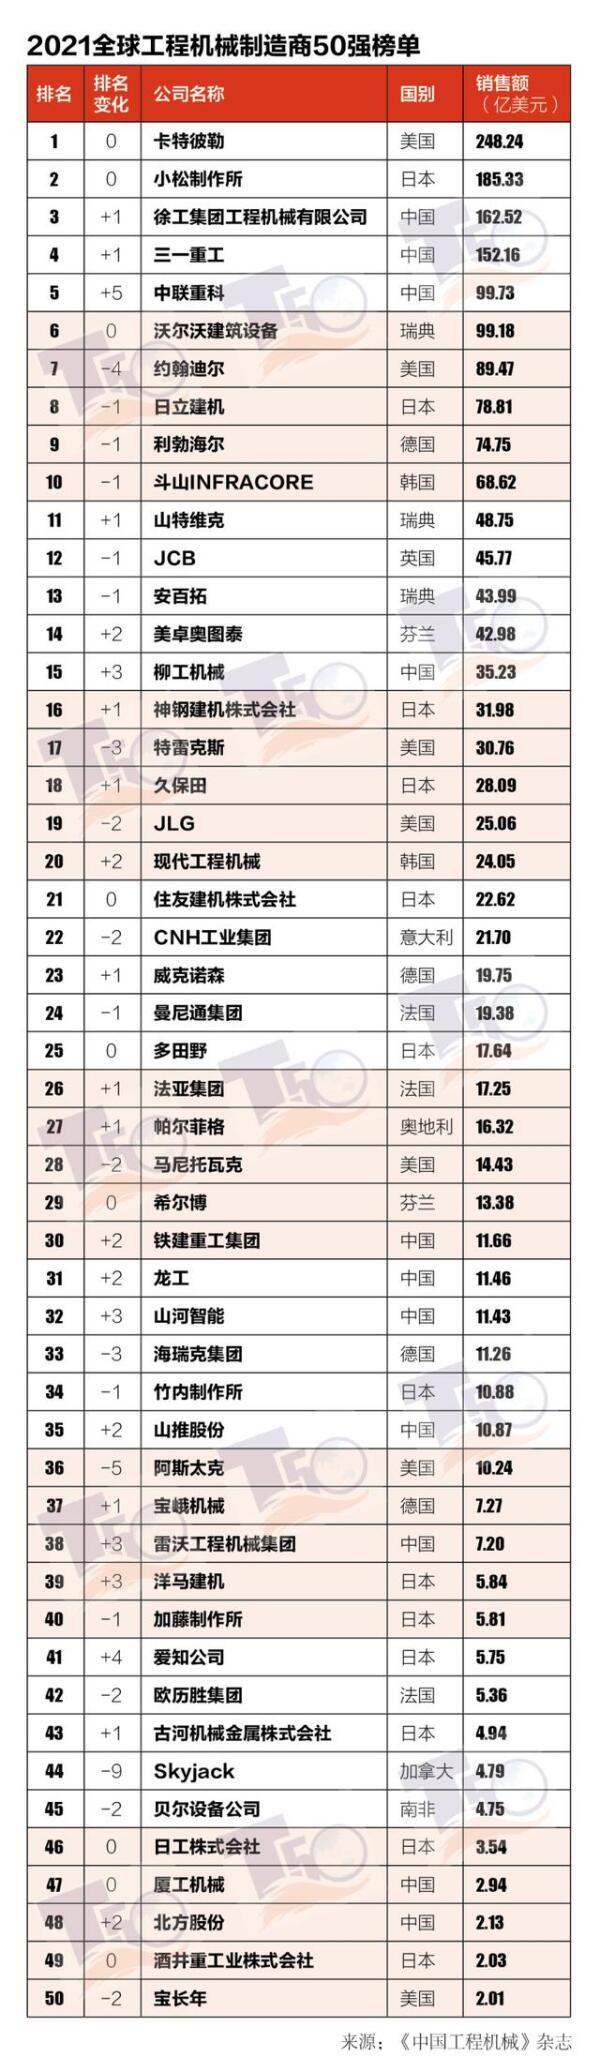 附表1 2021全球工程机械制造商50强榜单